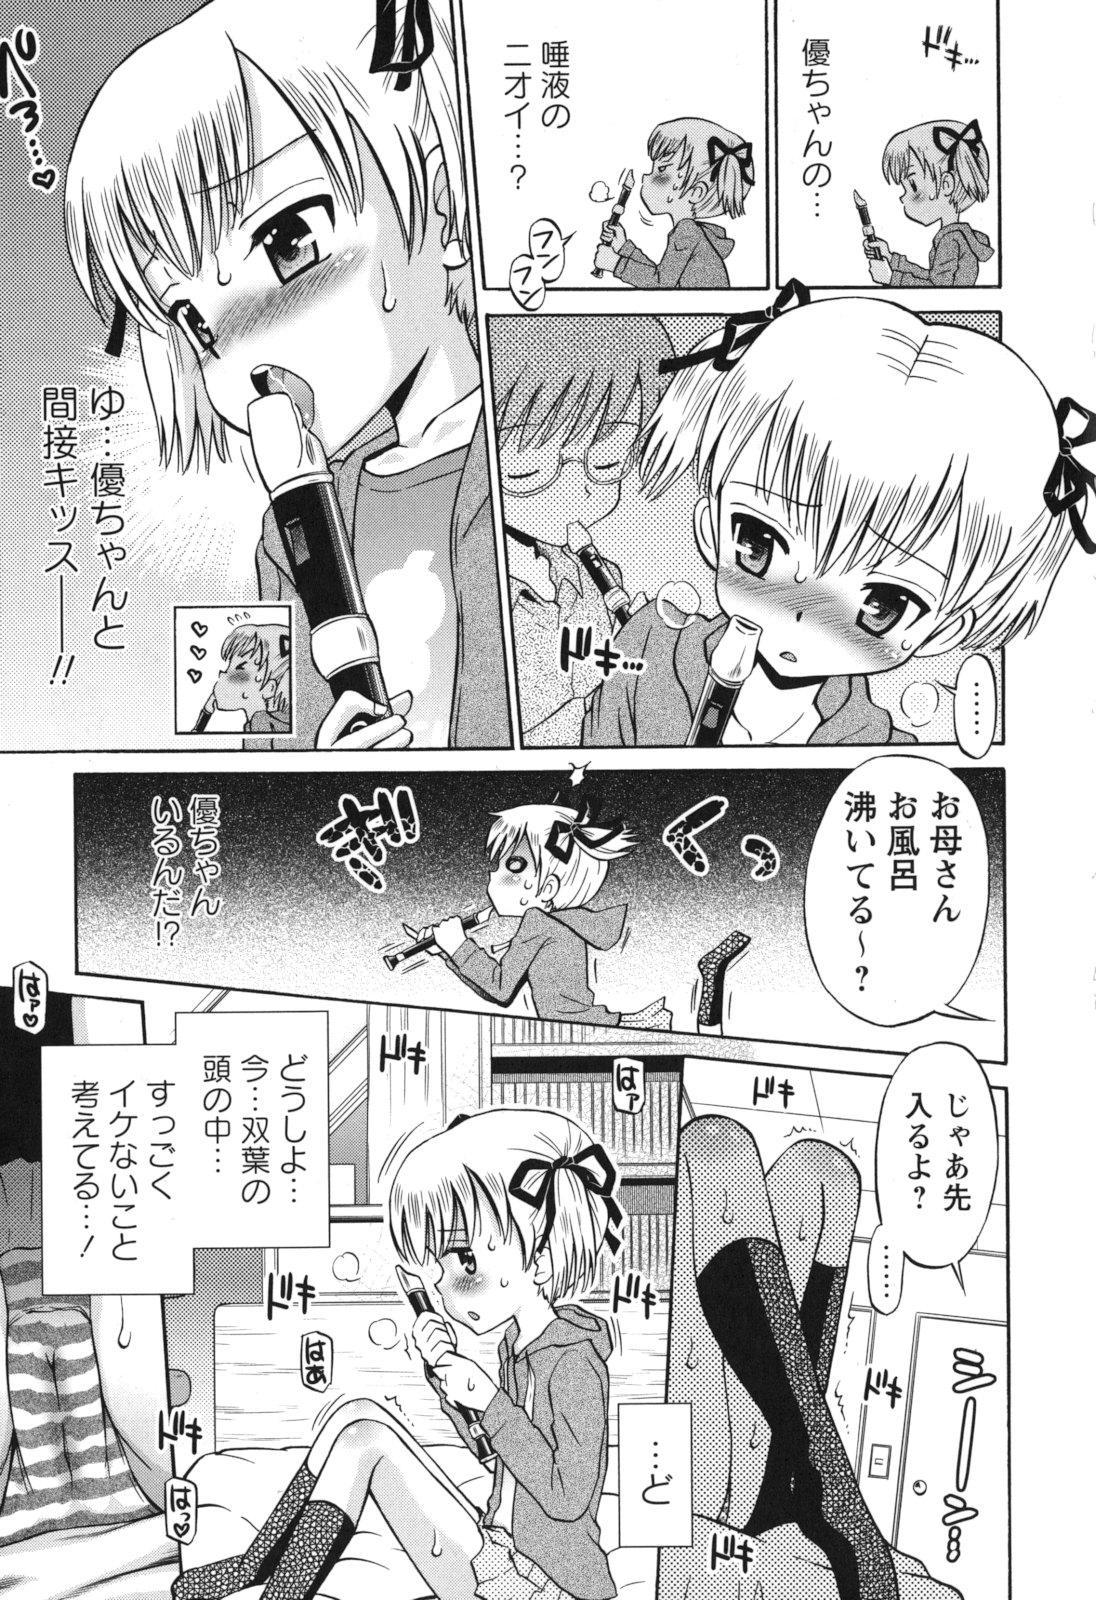 SOS! Sukebe na Osananajimi ga Shinobikondekimashita. 13